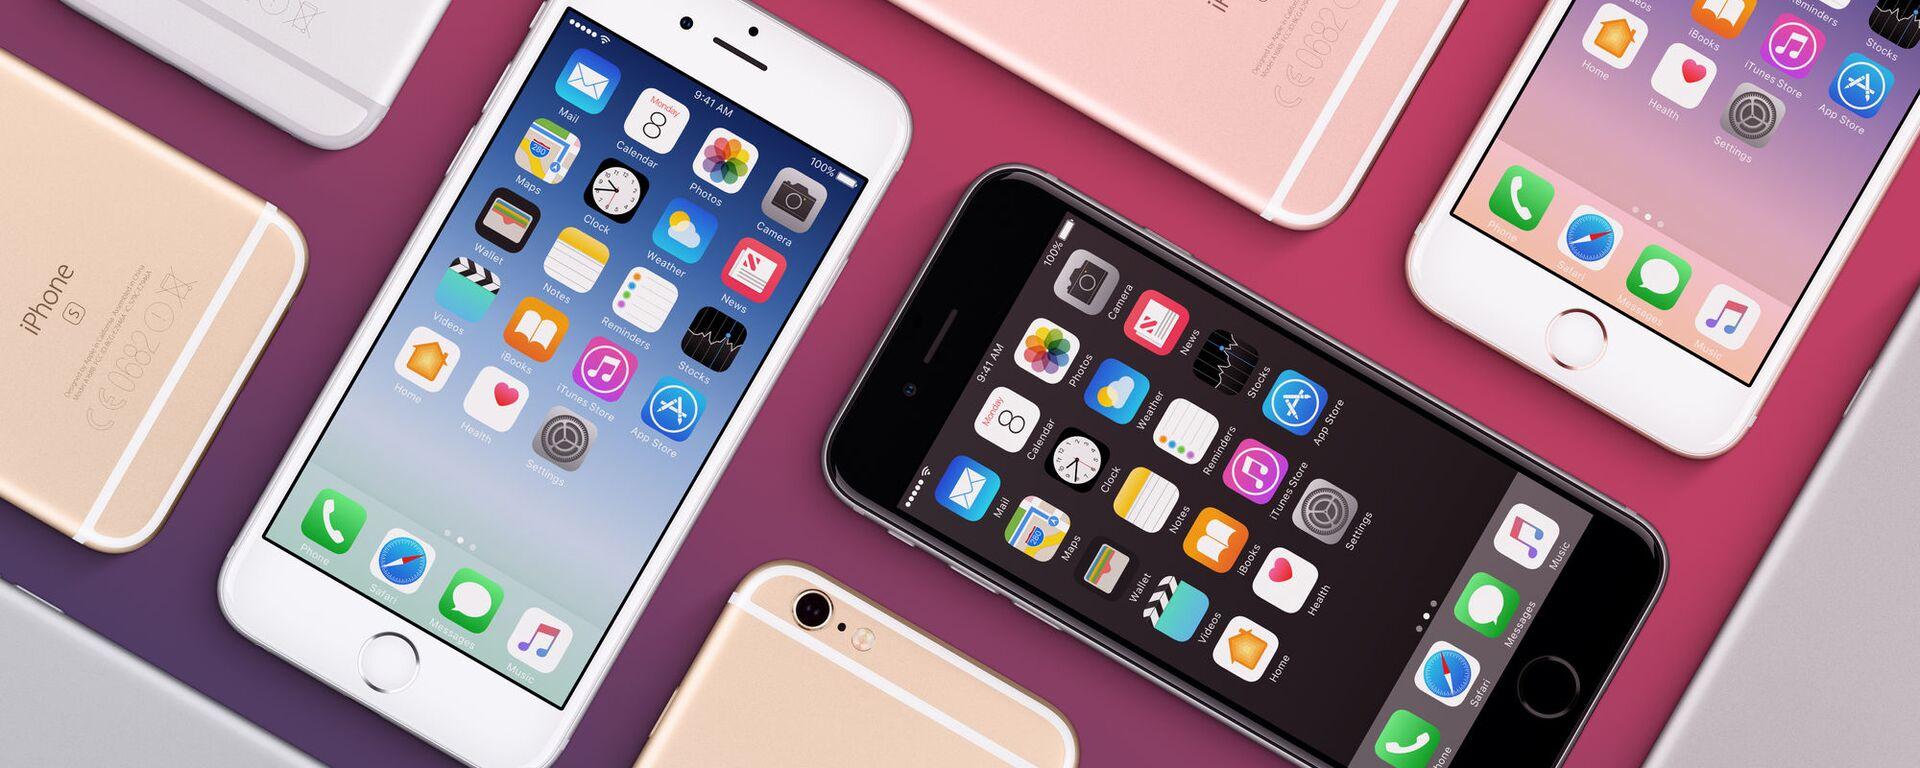 Bộ iPhone 6s các màu khác nhau của Apple - Sputnik Việt Nam, 1920, 01.07.2021